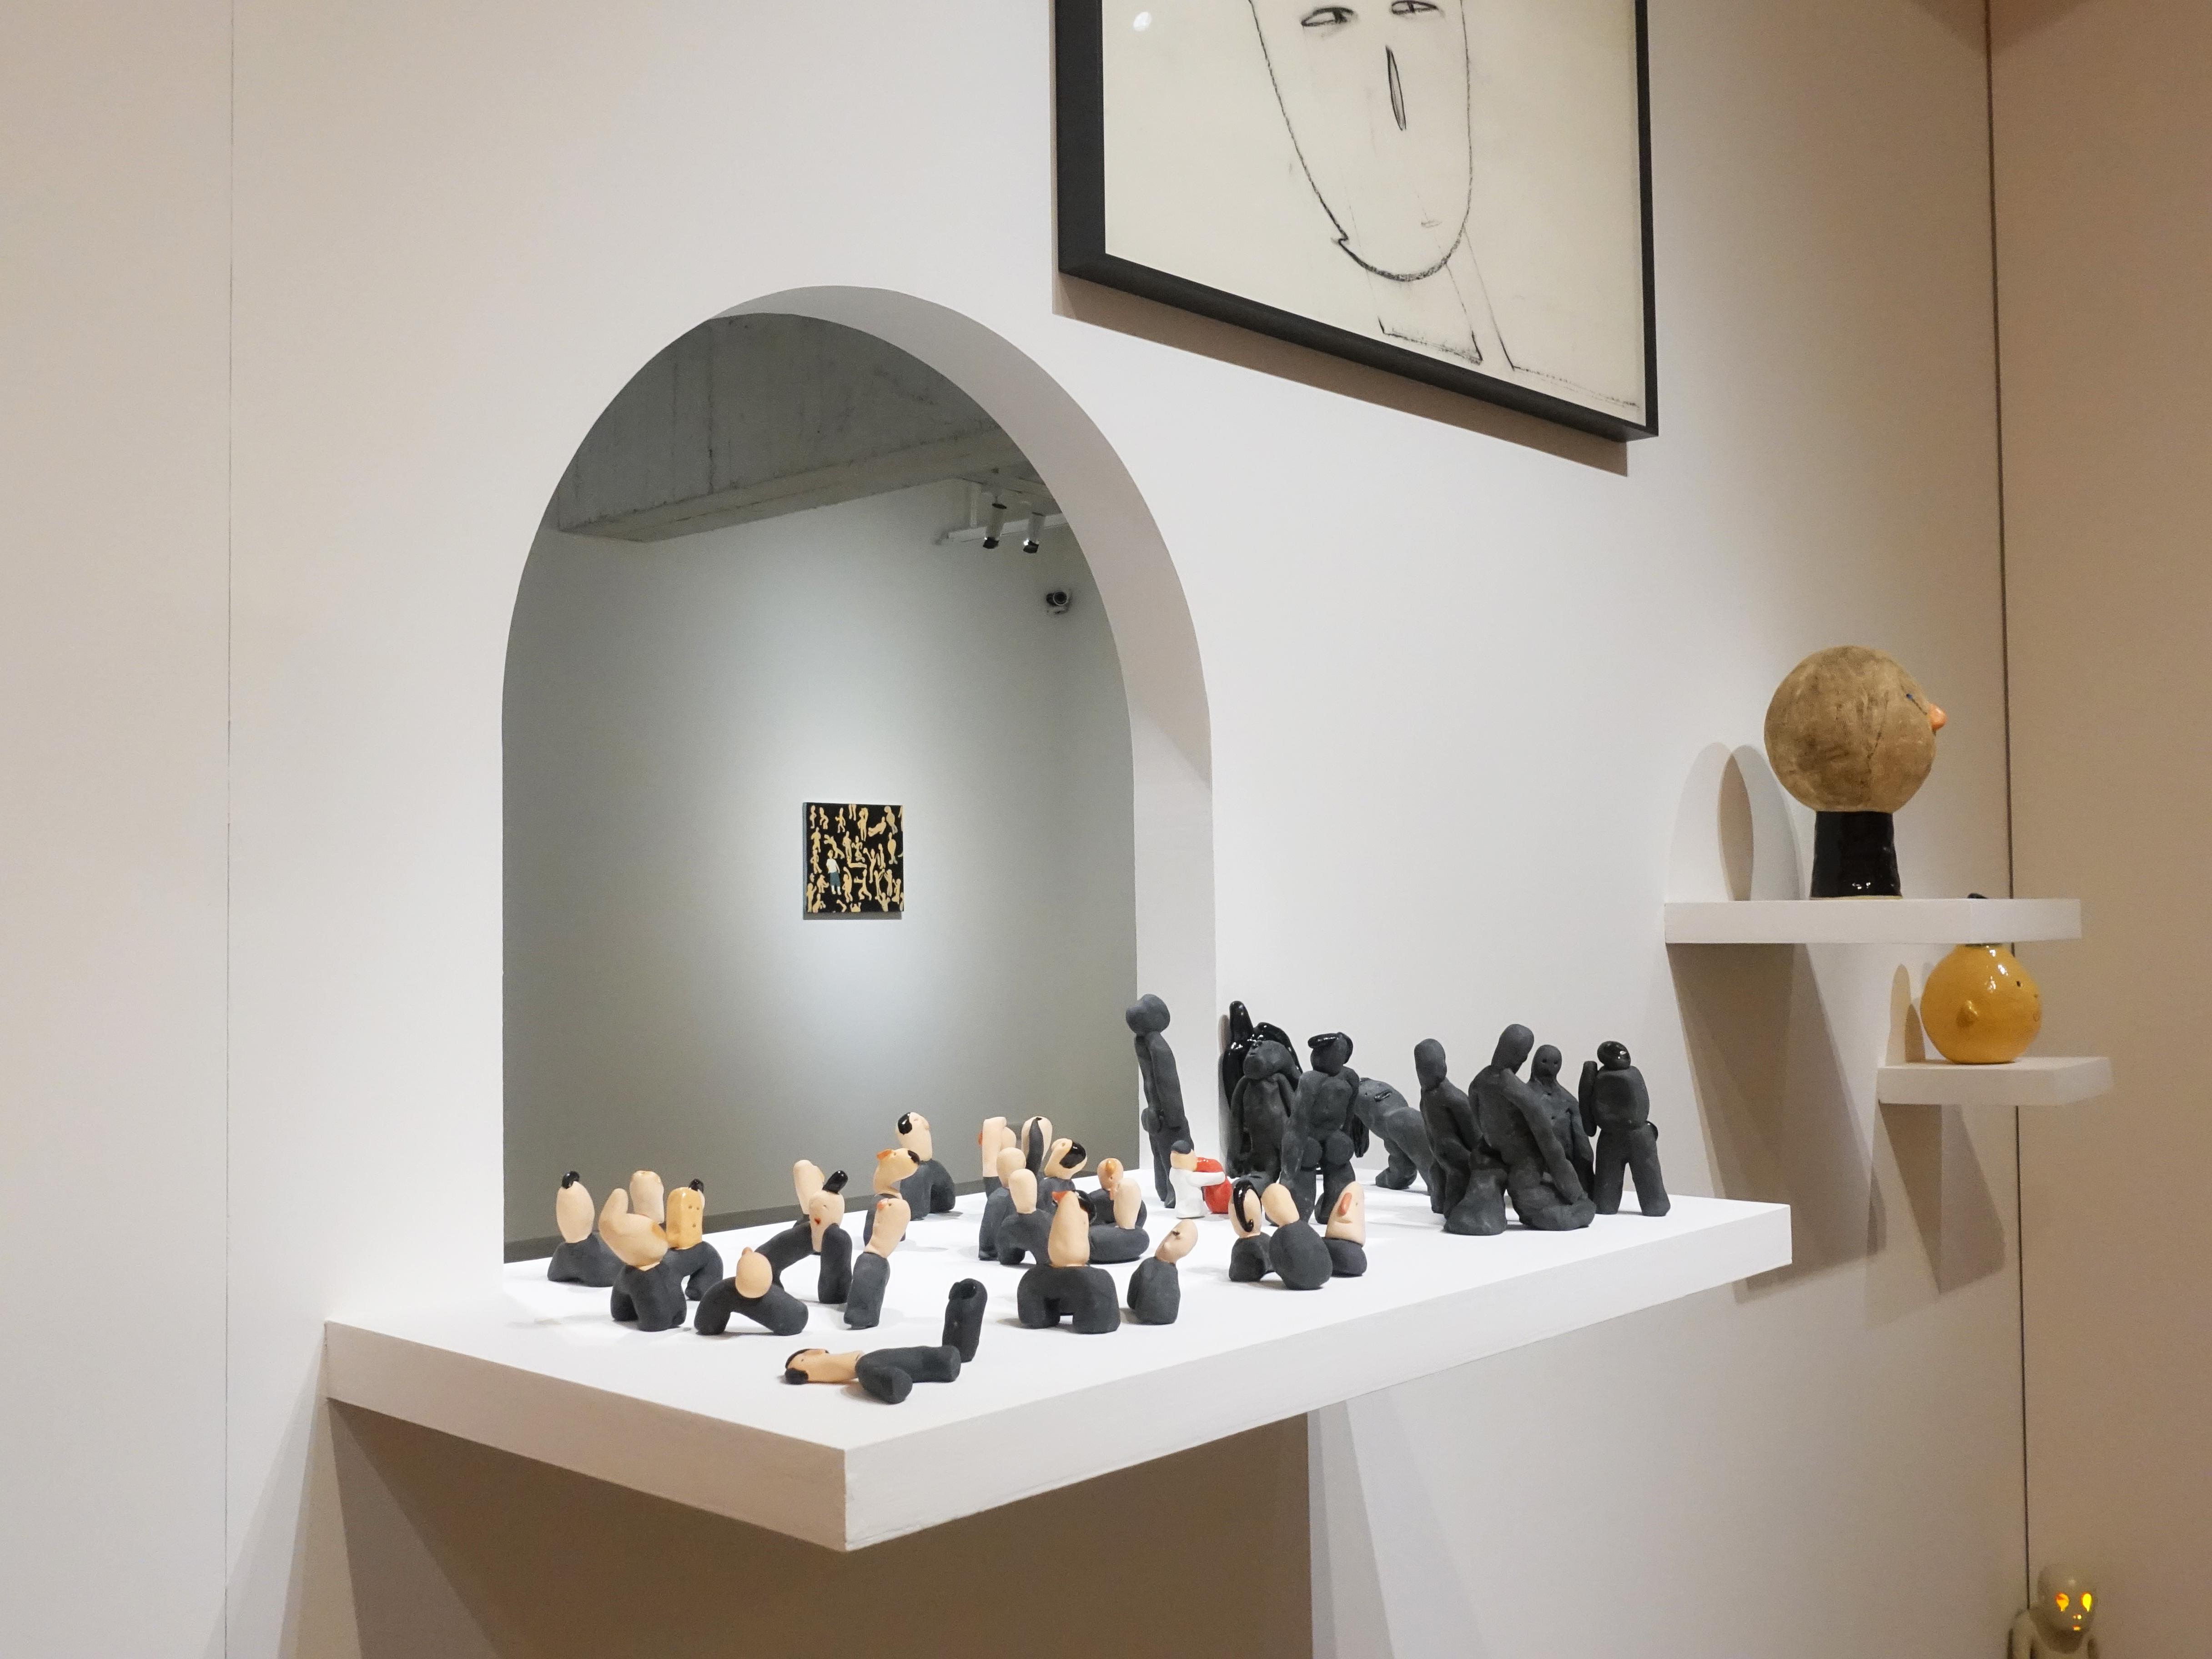 藝術家蕭筑方創作個展《很危險,請大家不要靠近》展出其陶藝作品。